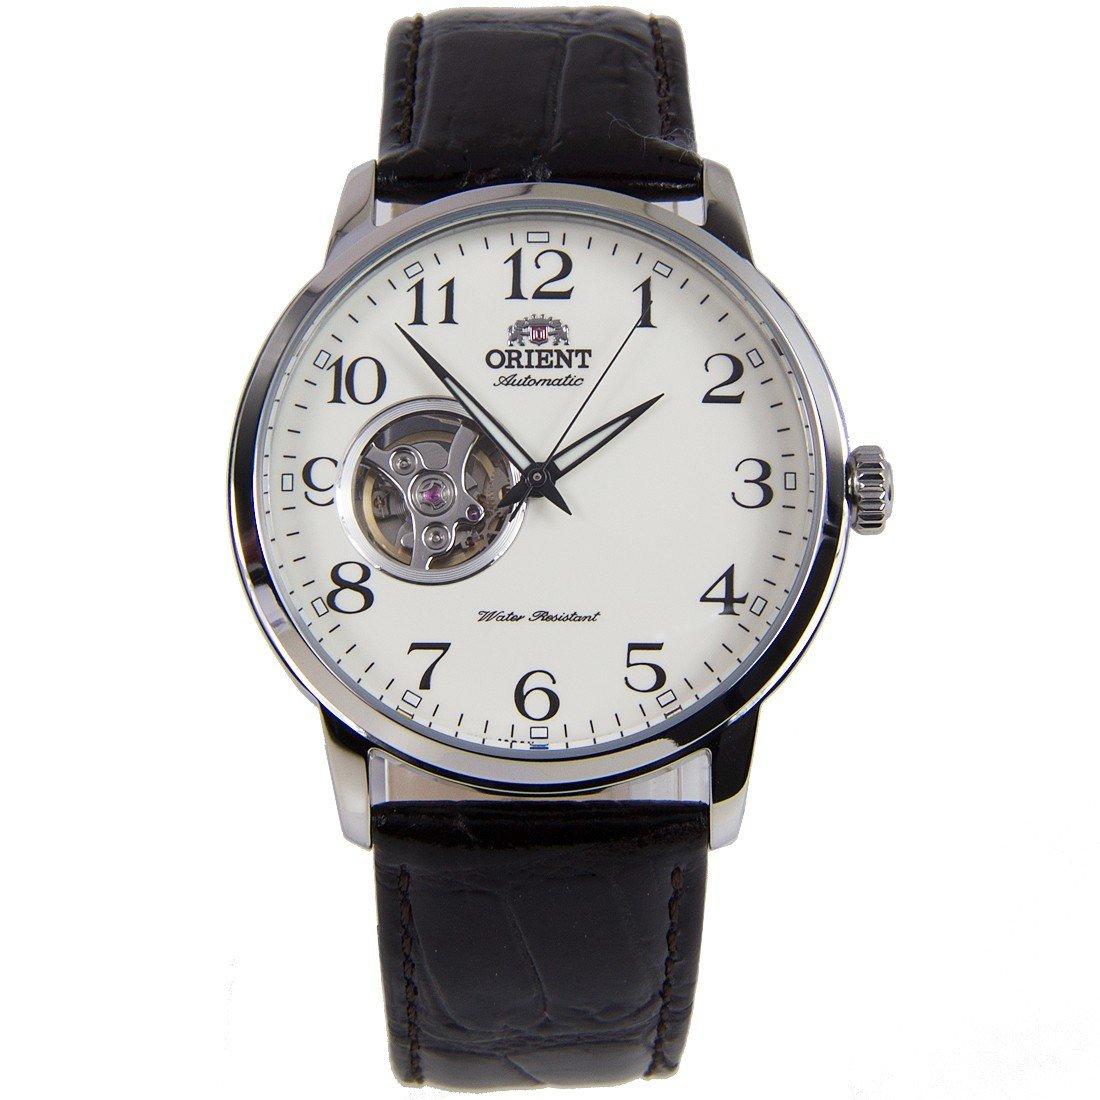 reloj hombre automático Orient Bambino RA-AG0010S Open Heart dial correa cuero